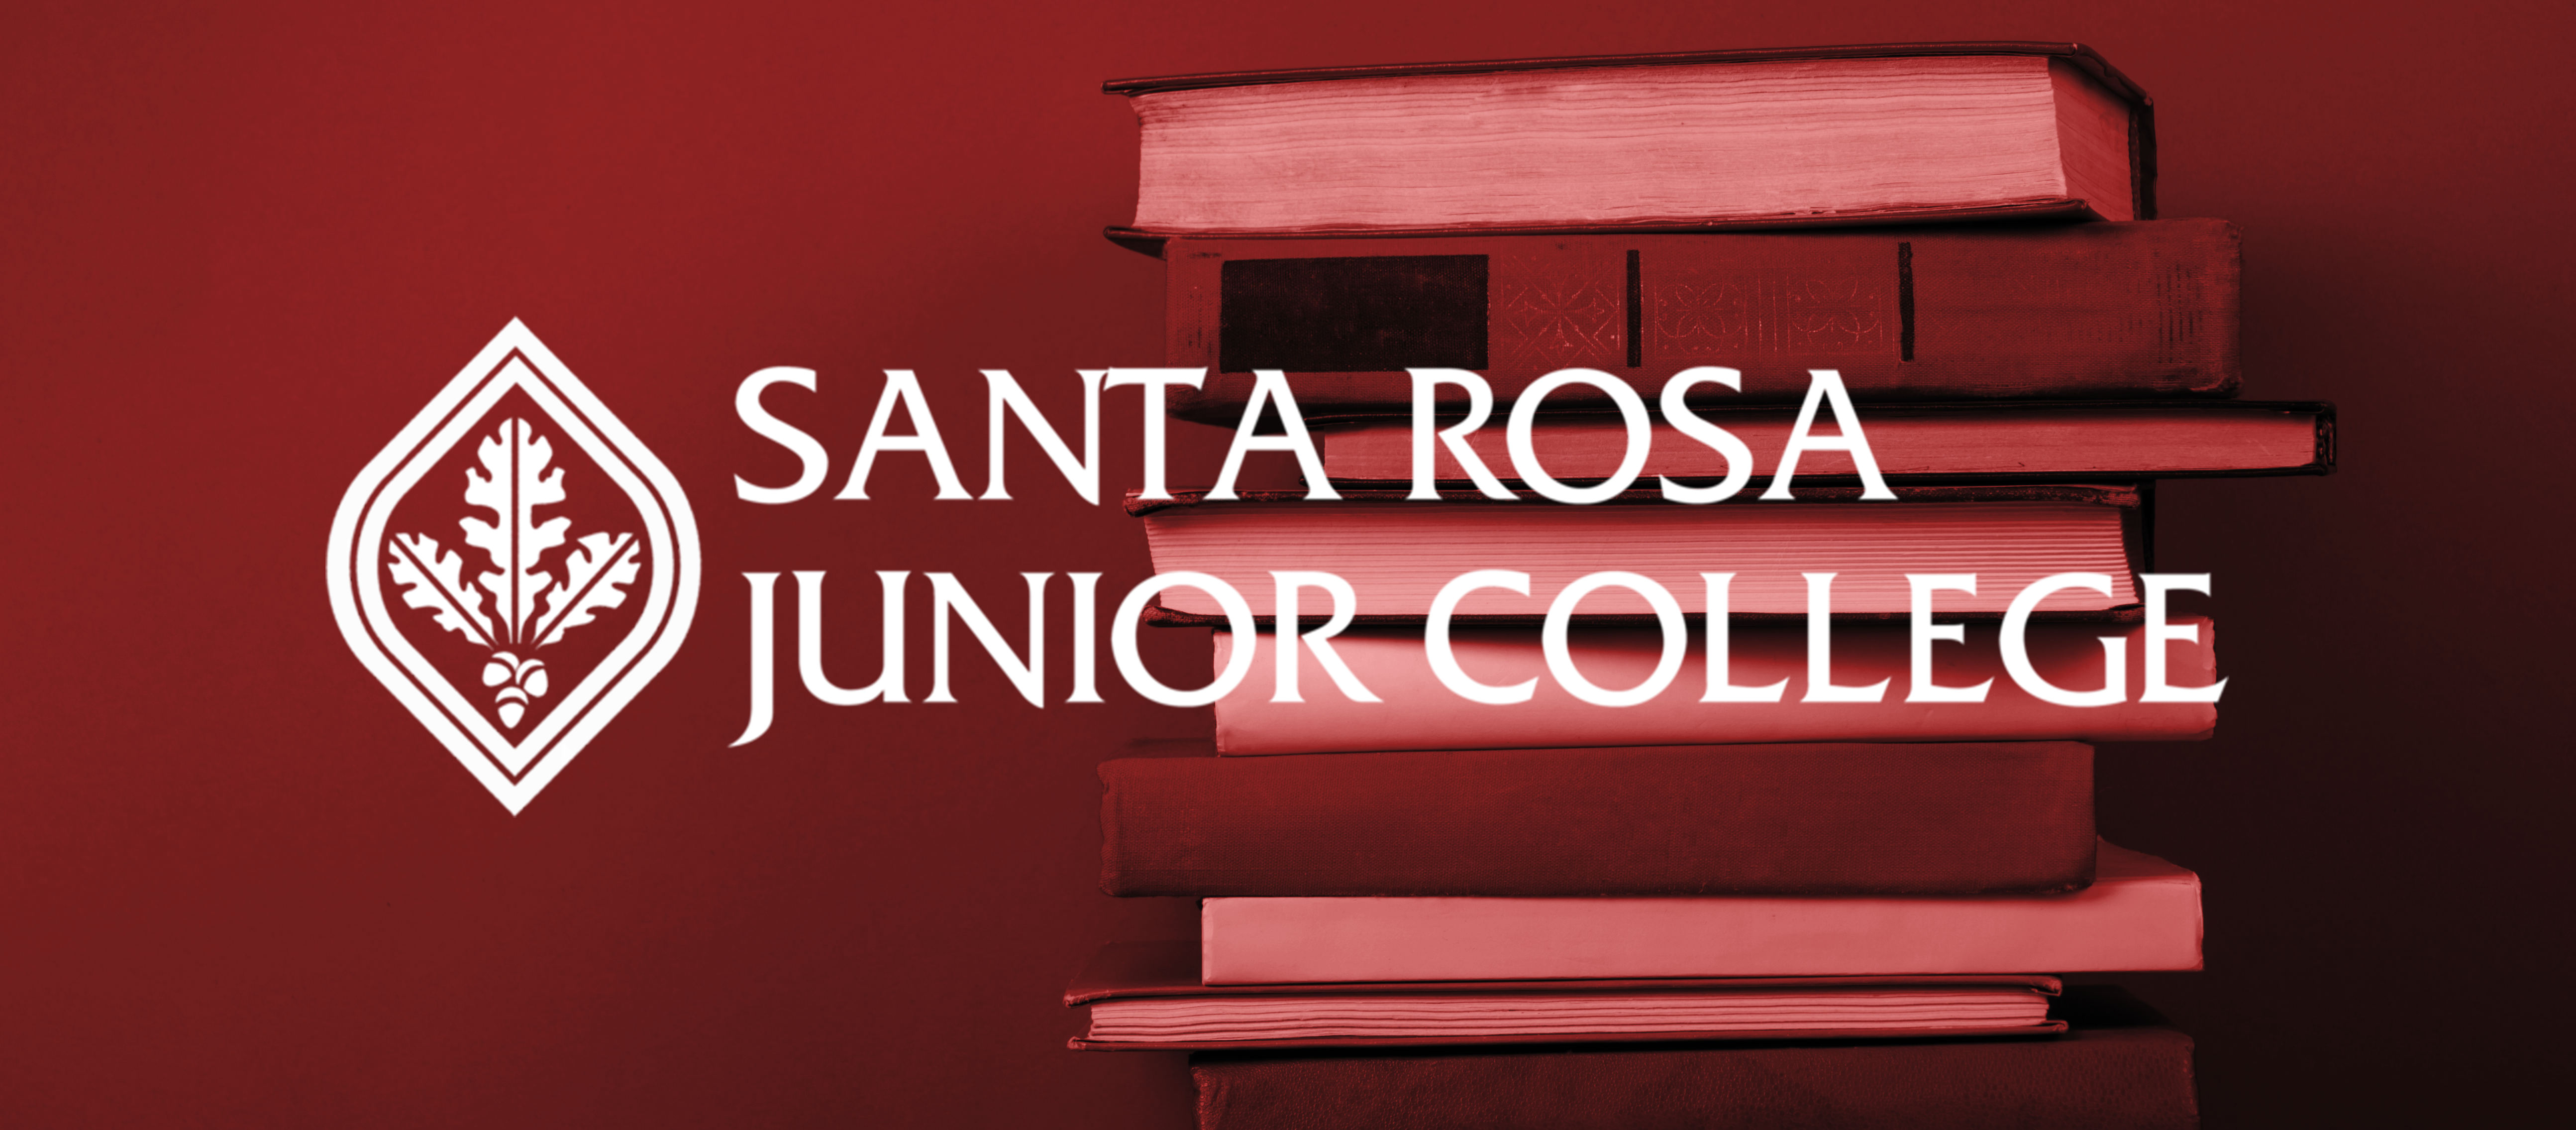 Santa_Rosa_Junior_College.png